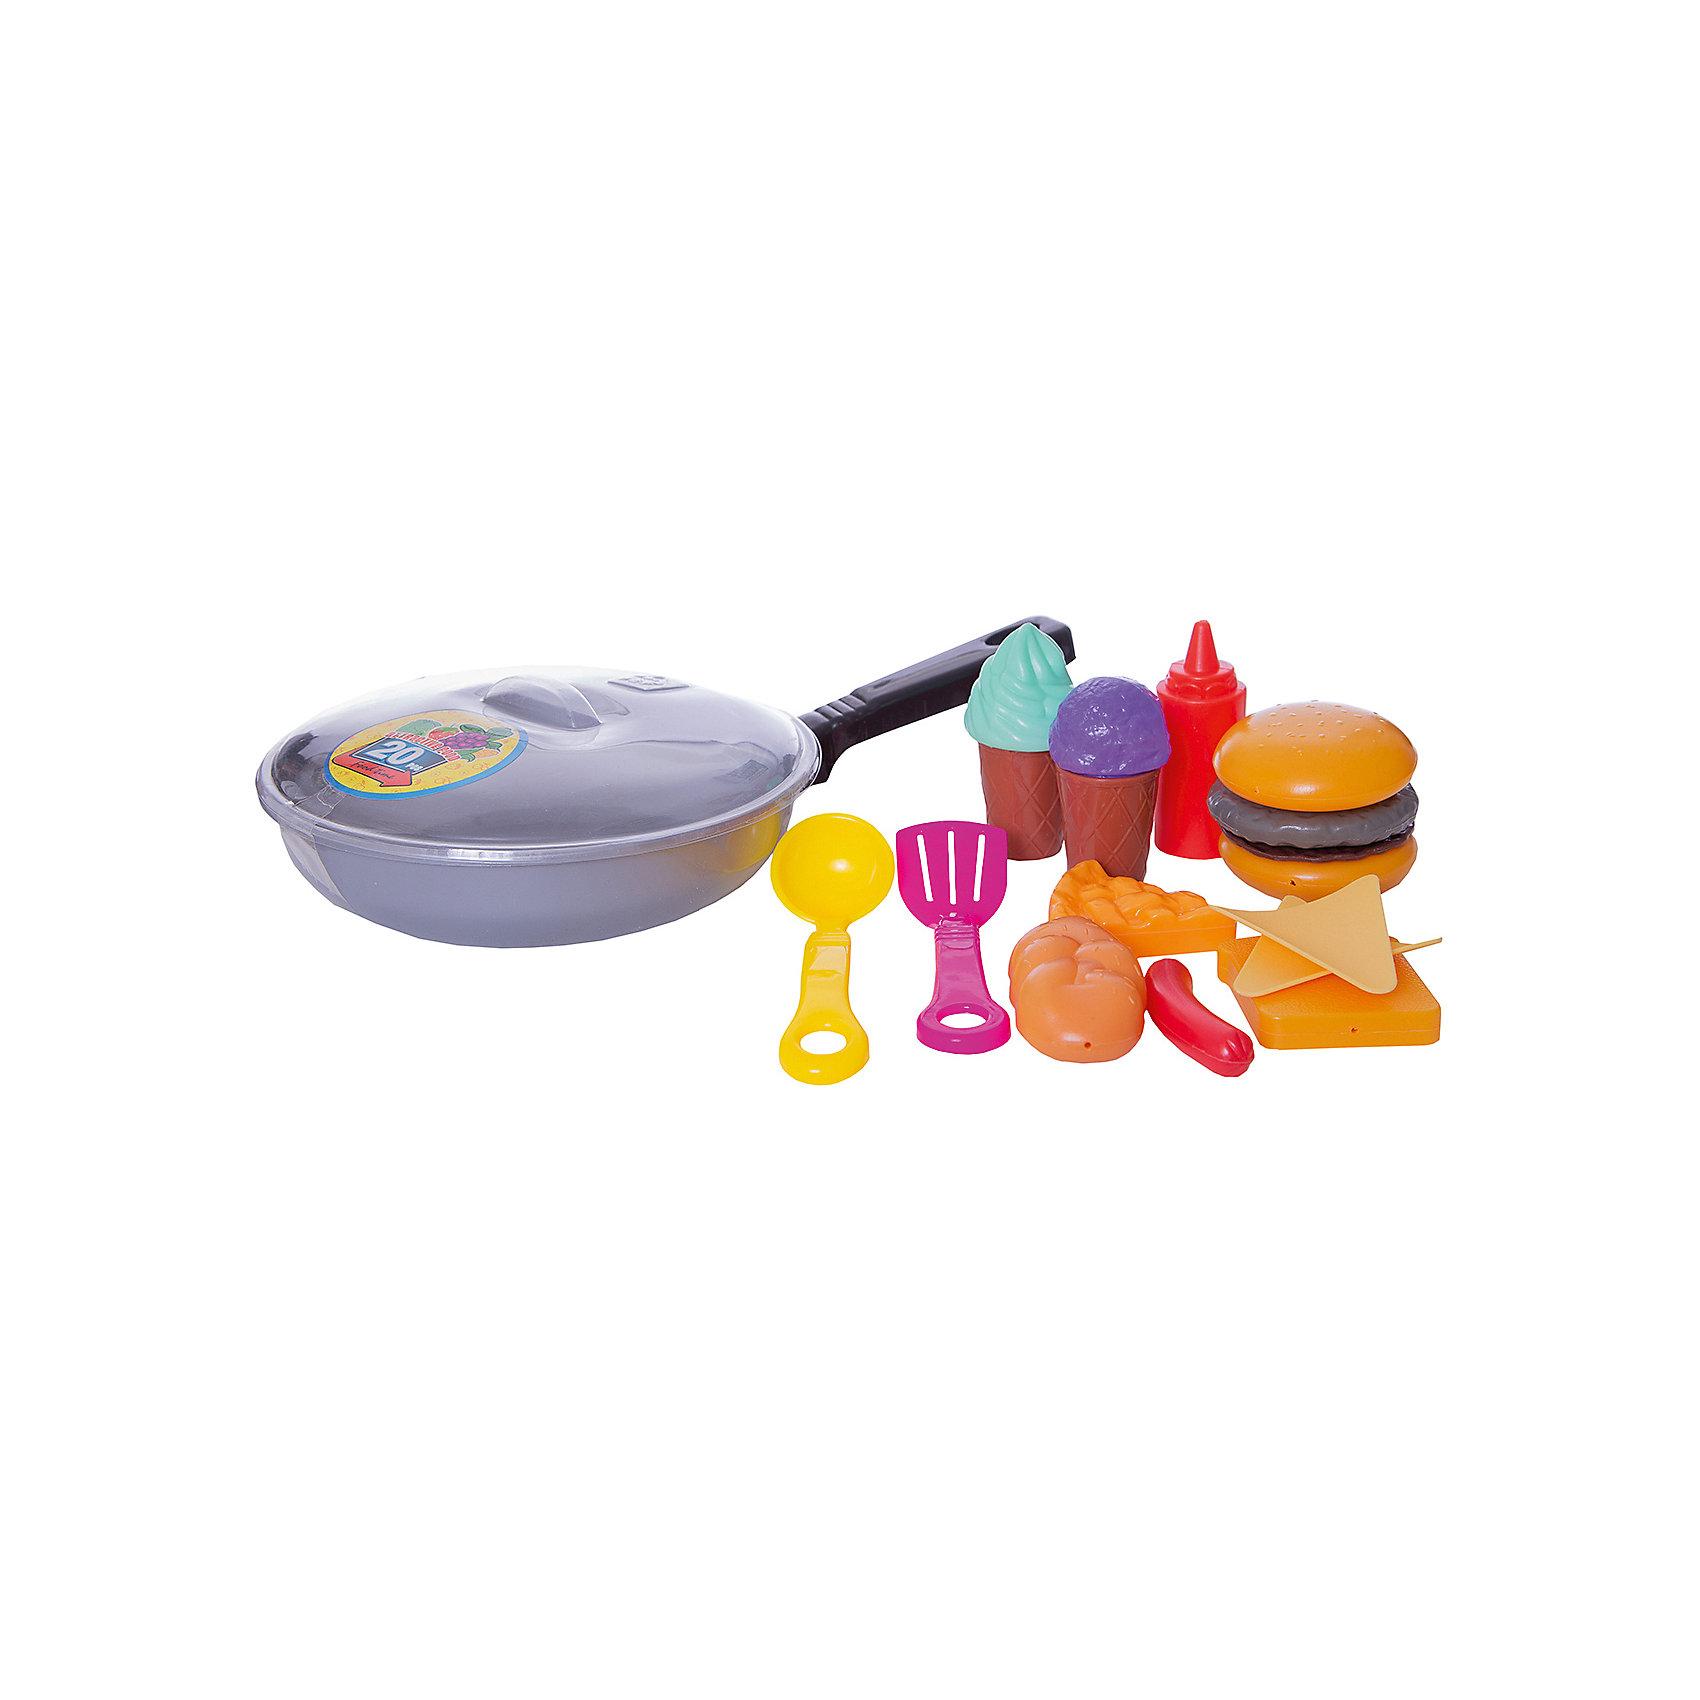 Набор Сковородка с  продуктами, EstaBellaПосуда и аксессуары для детской кухни<br>Набор Сковородка с  продуктами, EstaBella (Эстабелла) – это красочный комплект кухонной утвари и муляжей продуктов для увлекательных сюжетно-ролевых игр.<br>Набор Сковородка с продуктами от компании EstaBella (Эстабелла) подарит вашей девочке увлекательный мир ролевой игры, фантазии и воображения. Играя с ним, она будет готовиться к взрослой жизни и станет более самостоятельной, уверенной и активной.  В комплект входят муляжи продуктов, а также шумовка, ложка и сковородка. С таким набором малышке будет легко придумать разнообразные игровые сюжеты. Все элементы набора изготовлены из качественного пластика и покрыты нетоксичными красками, а также не имеют острых углов.<br><br>Дополнительная информация:<br><br>- В наборе: сковородка, кухонная утварь, муляжи продуктов<br>- Материал: пластик<br>- Упаковка: сетка<br>- Размер упаковки: 30х5х18 см.<br>- Вес: 190 гр.<br><br>Набор Сковородка с  продуктами, EstaBella (Эстабелла) можно купить в нашем интернет-магазине.<br><br>Ширина мм: 300<br>Глубина мм: 50<br>Высота мм: 180<br>Вес г: 190<br>Возраст от месяцев: 36<br>Возраст до месяцев: 72<br>Пол: Женский<br>Возраст: Детский<br>SKU: 4552908